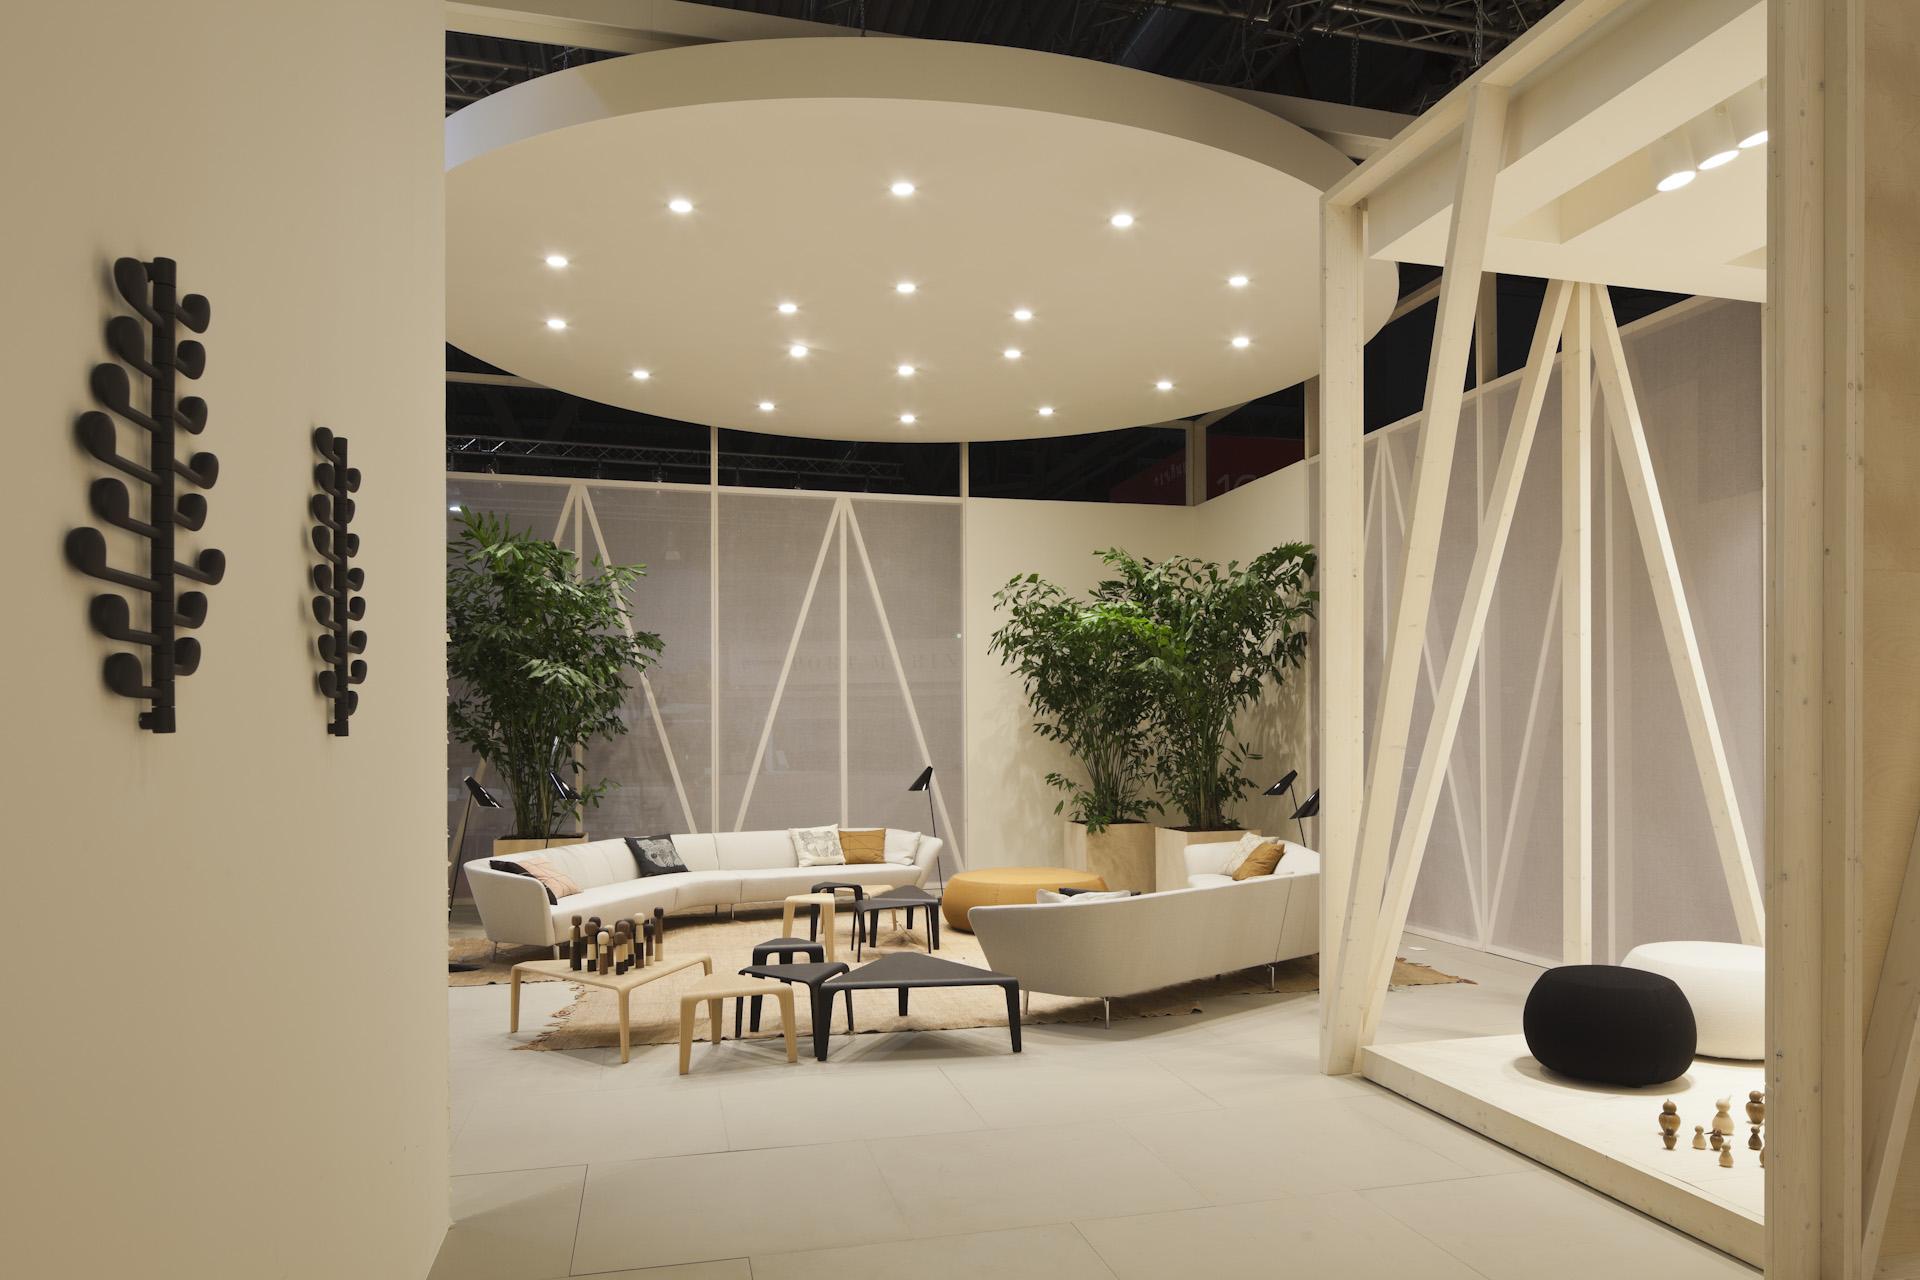 2x4 Arper Salone del Mobile Booth 1.jpg